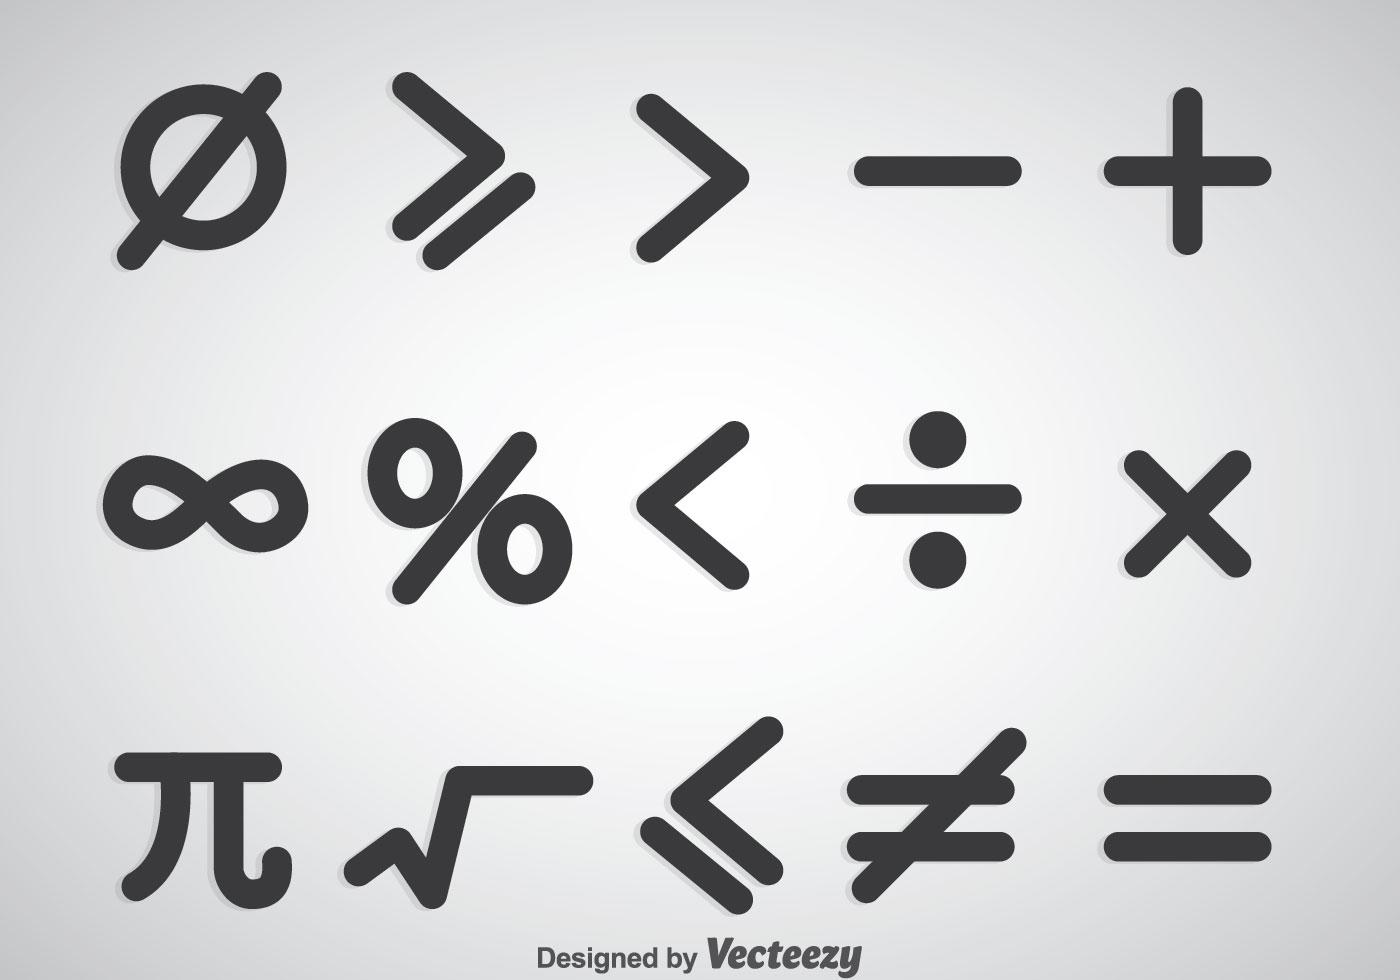 Math Symbols Vector Sets - Download Free Vector Art, Stock Graphics ...